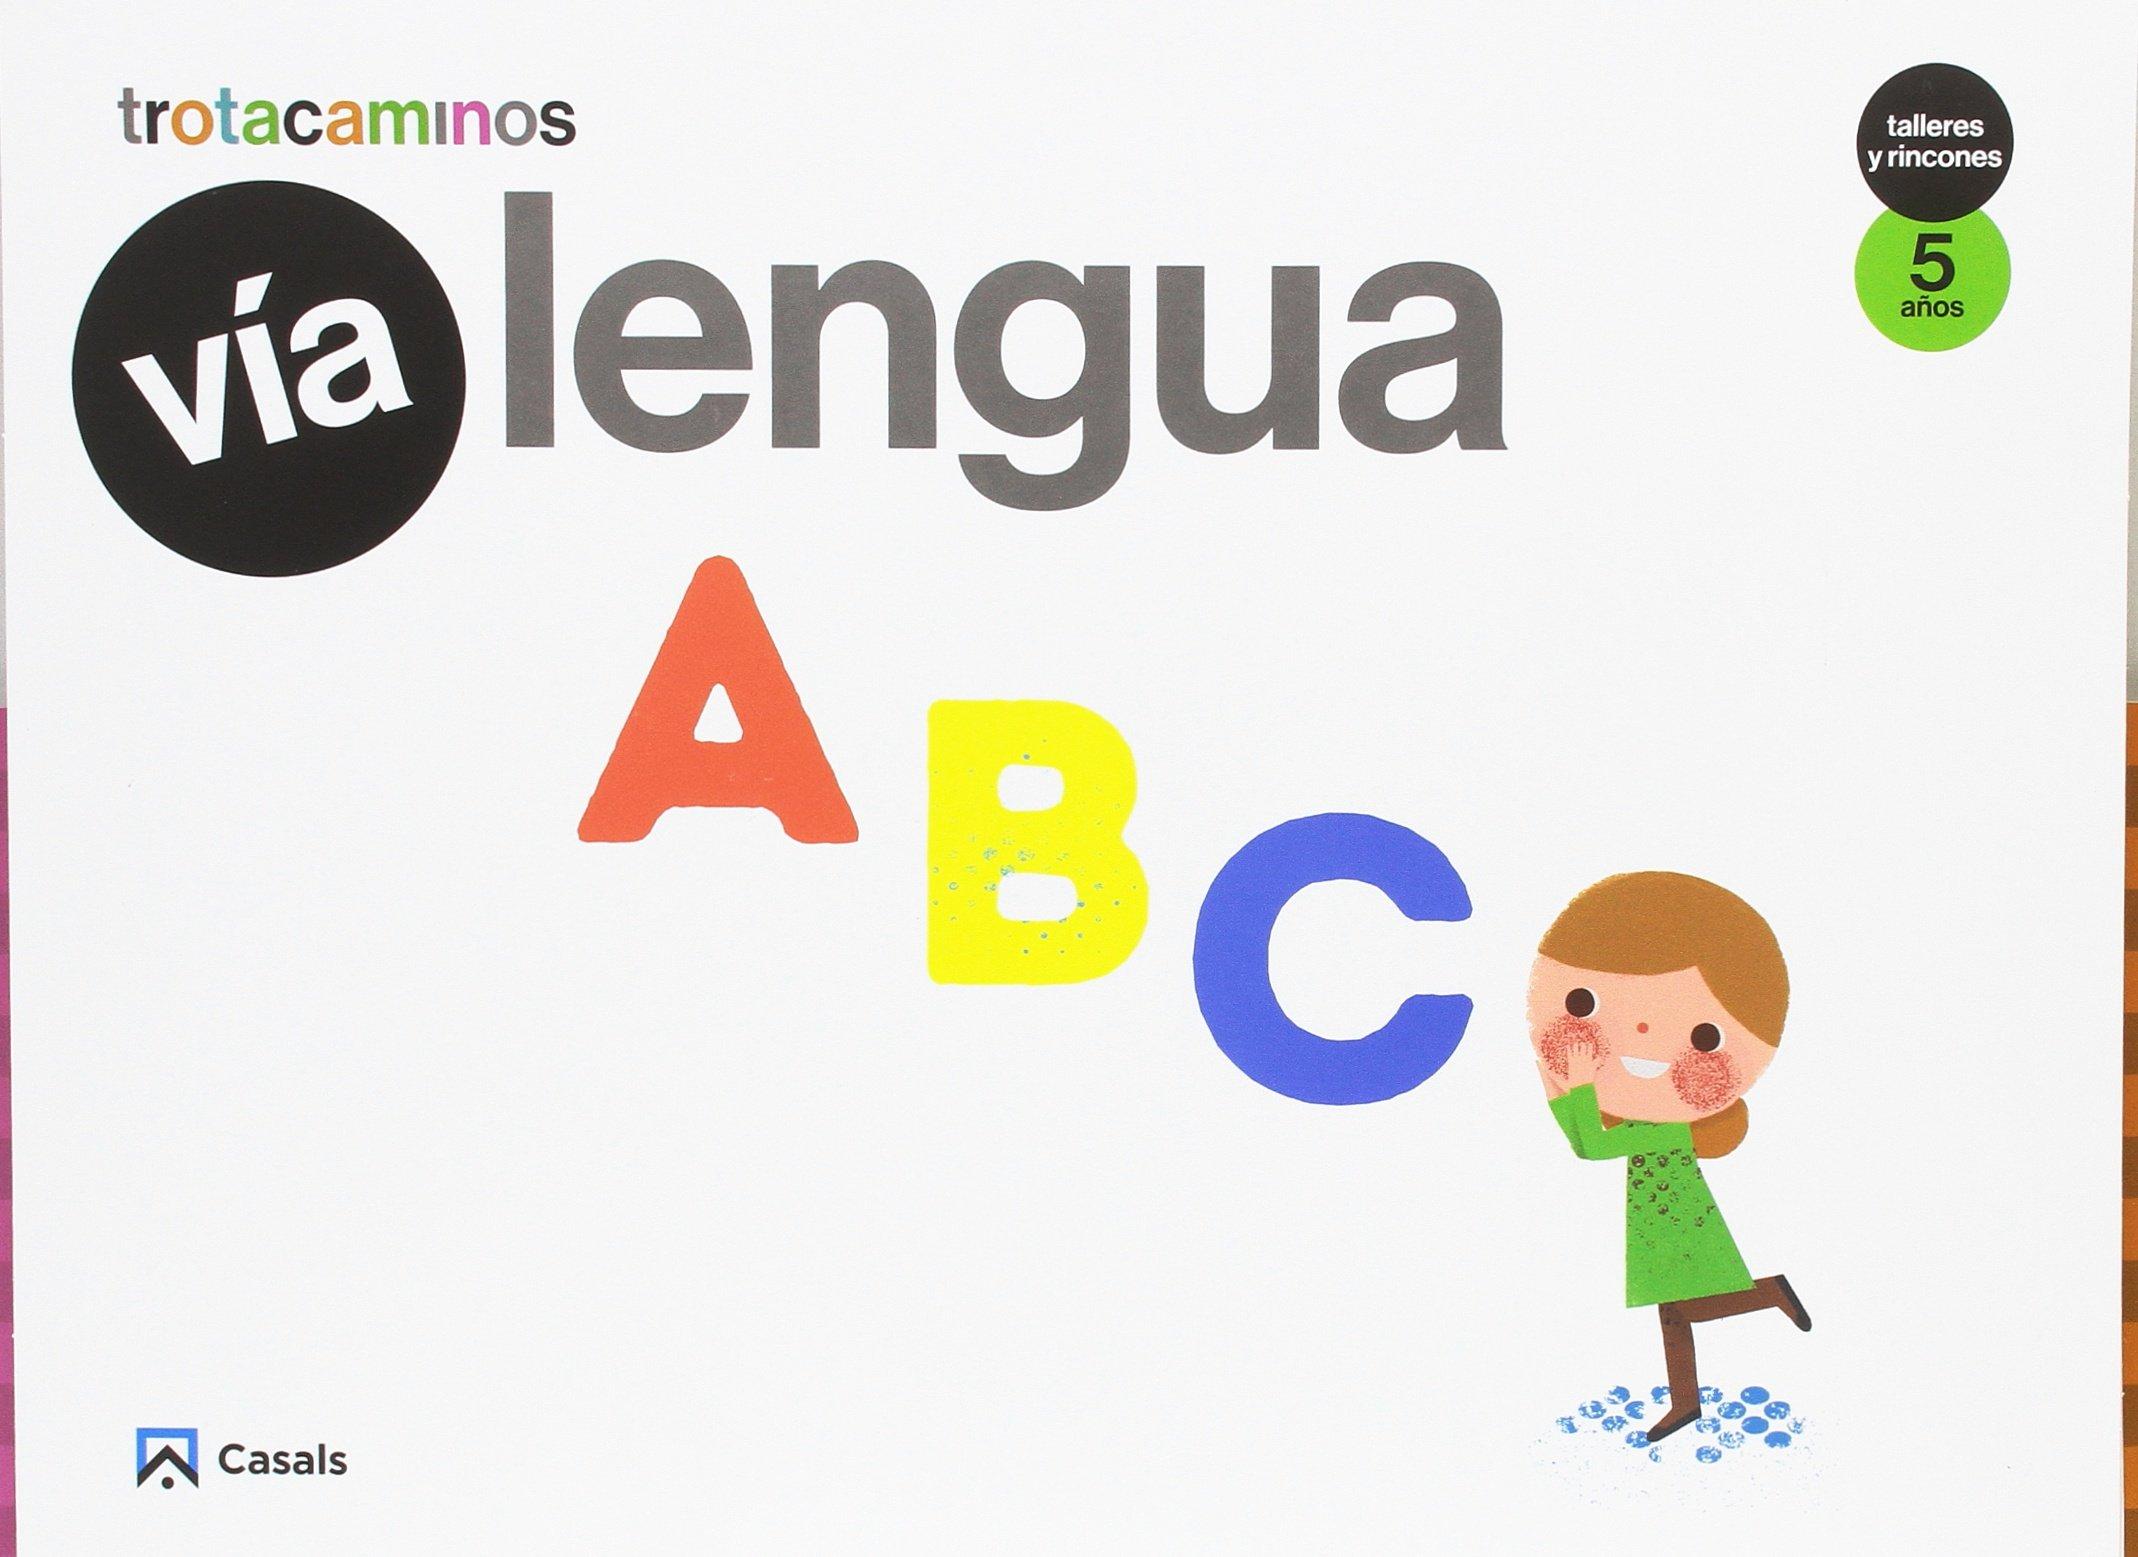 Vía Lengua 5 años Talleres y Rincones Trotacaminos: Amazon.es: Marta  Montero Honorato, Laura Fernández Arquisola, Jordi Fortuny Esteban: Libros